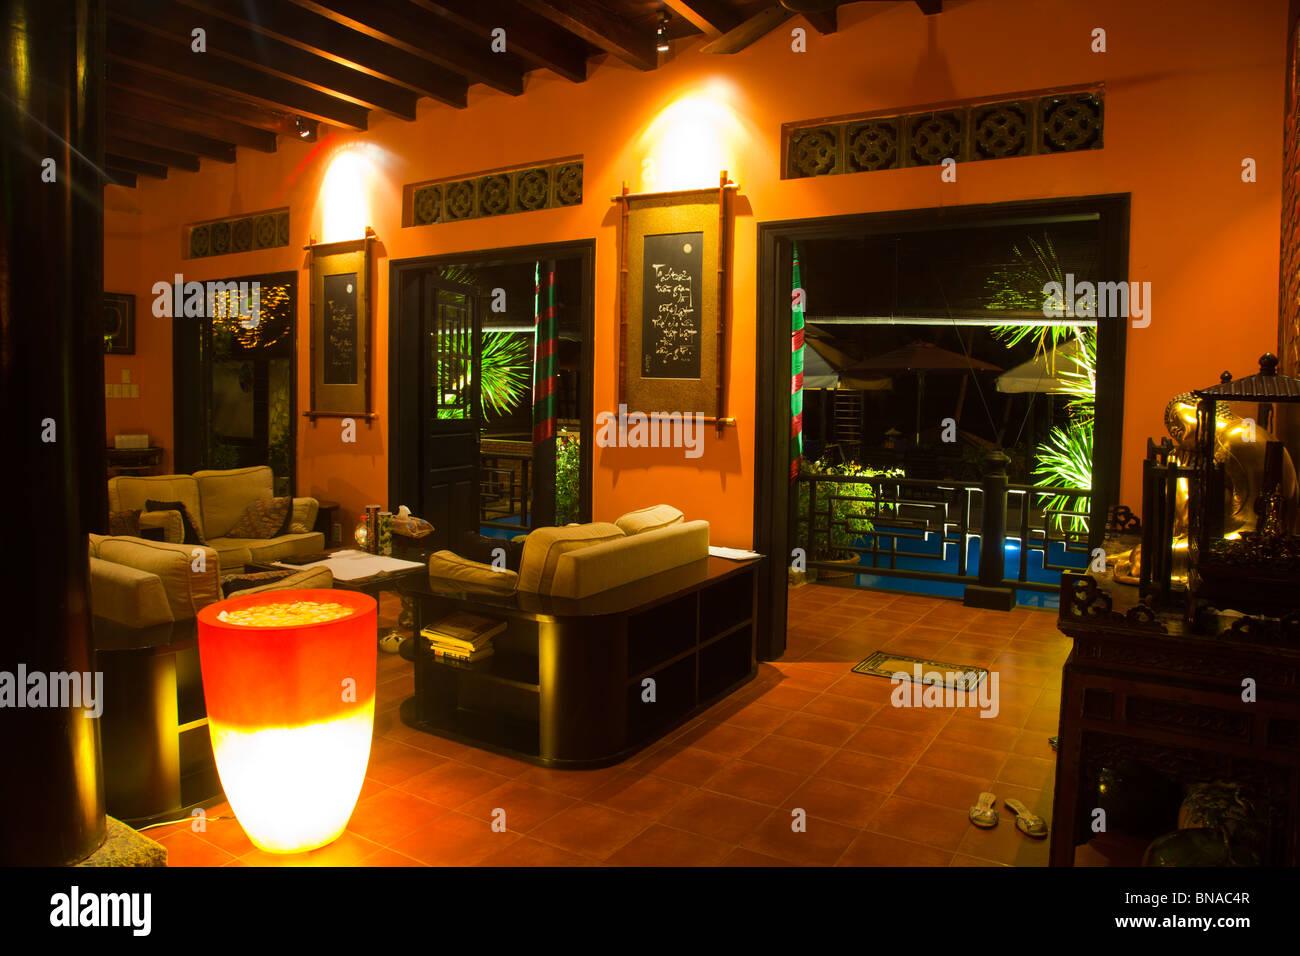 Traditionelle Vietnamesische Tropischen Haus Innendesign Mit Exklusiven  Möbeln Und Dekorationen Mit Tropischen Blumen Und Lichter